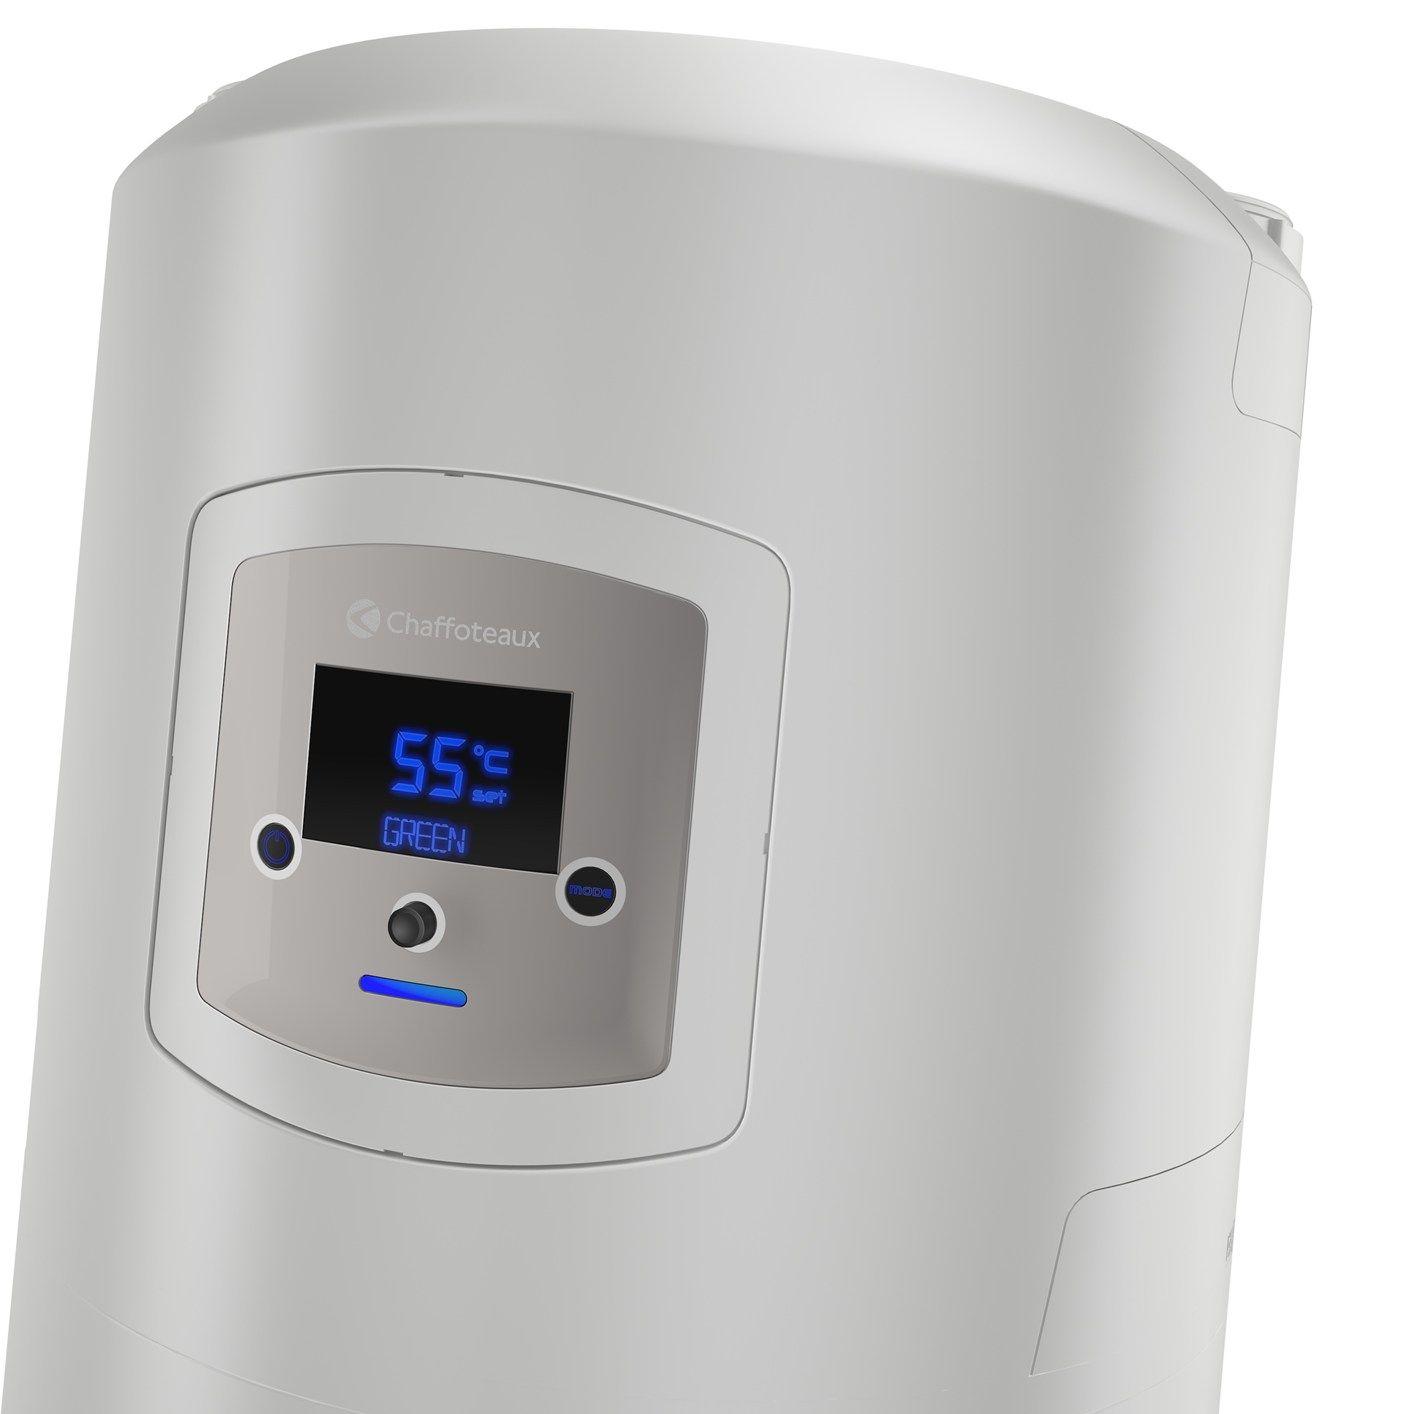 Pompa Di Calore Per Bagno chaffoteaux: 3 buoni motivi per scegliere una pompa di calore